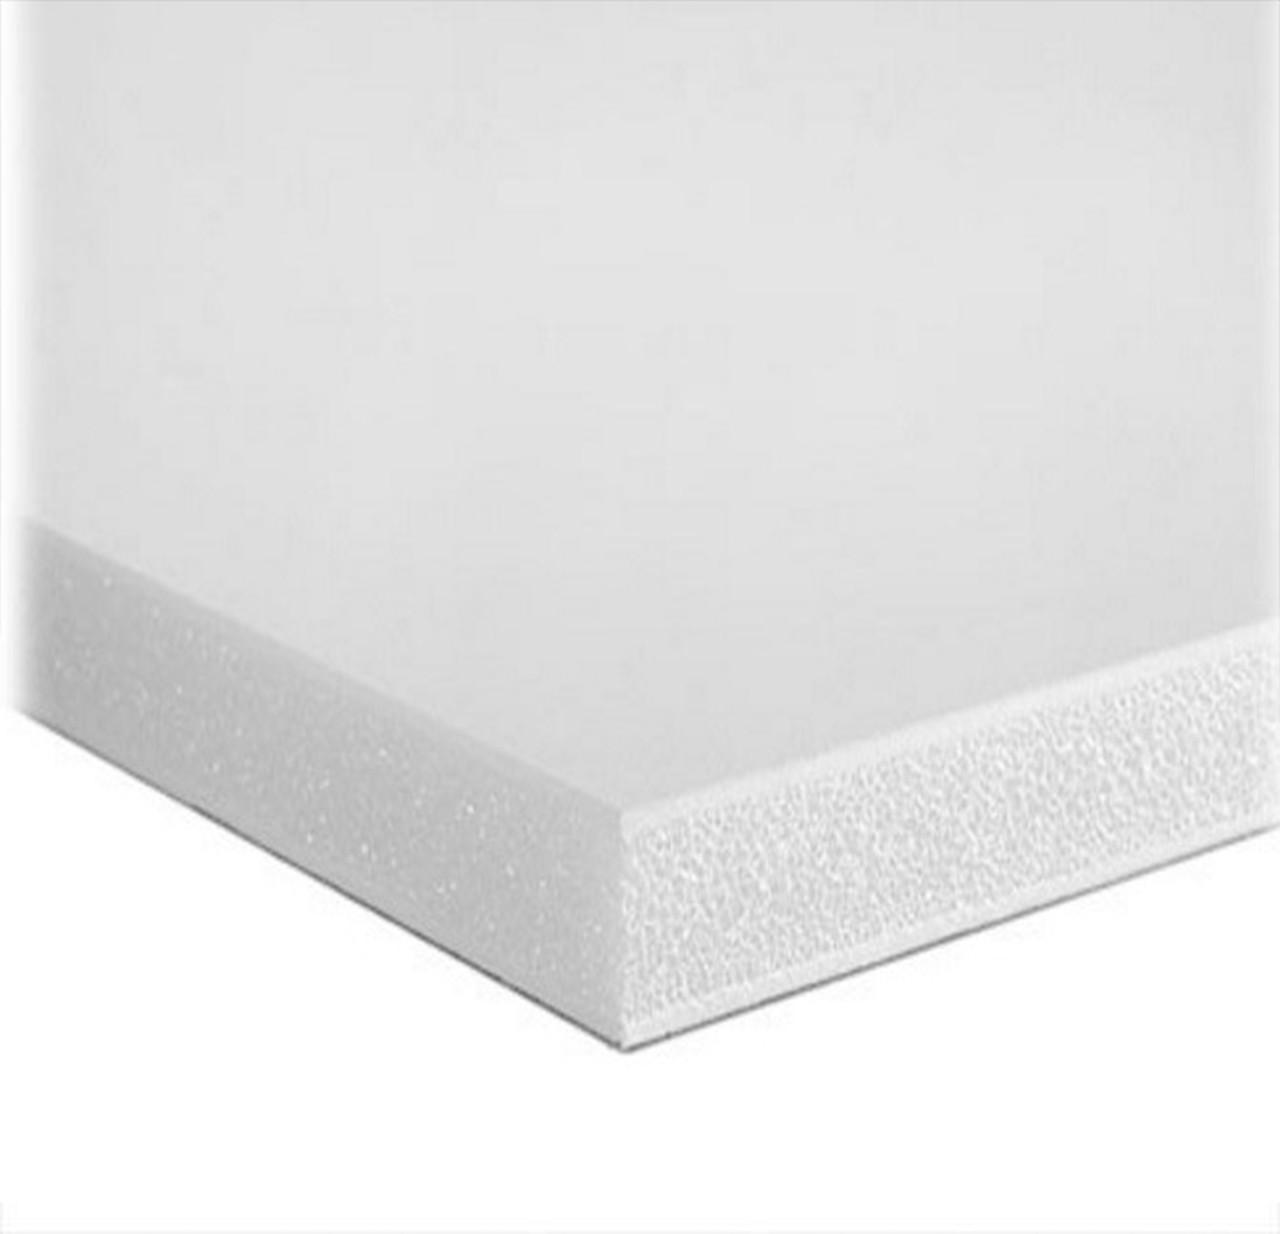 """Foamboard - White/White - 4' x 8' x 1"""""""